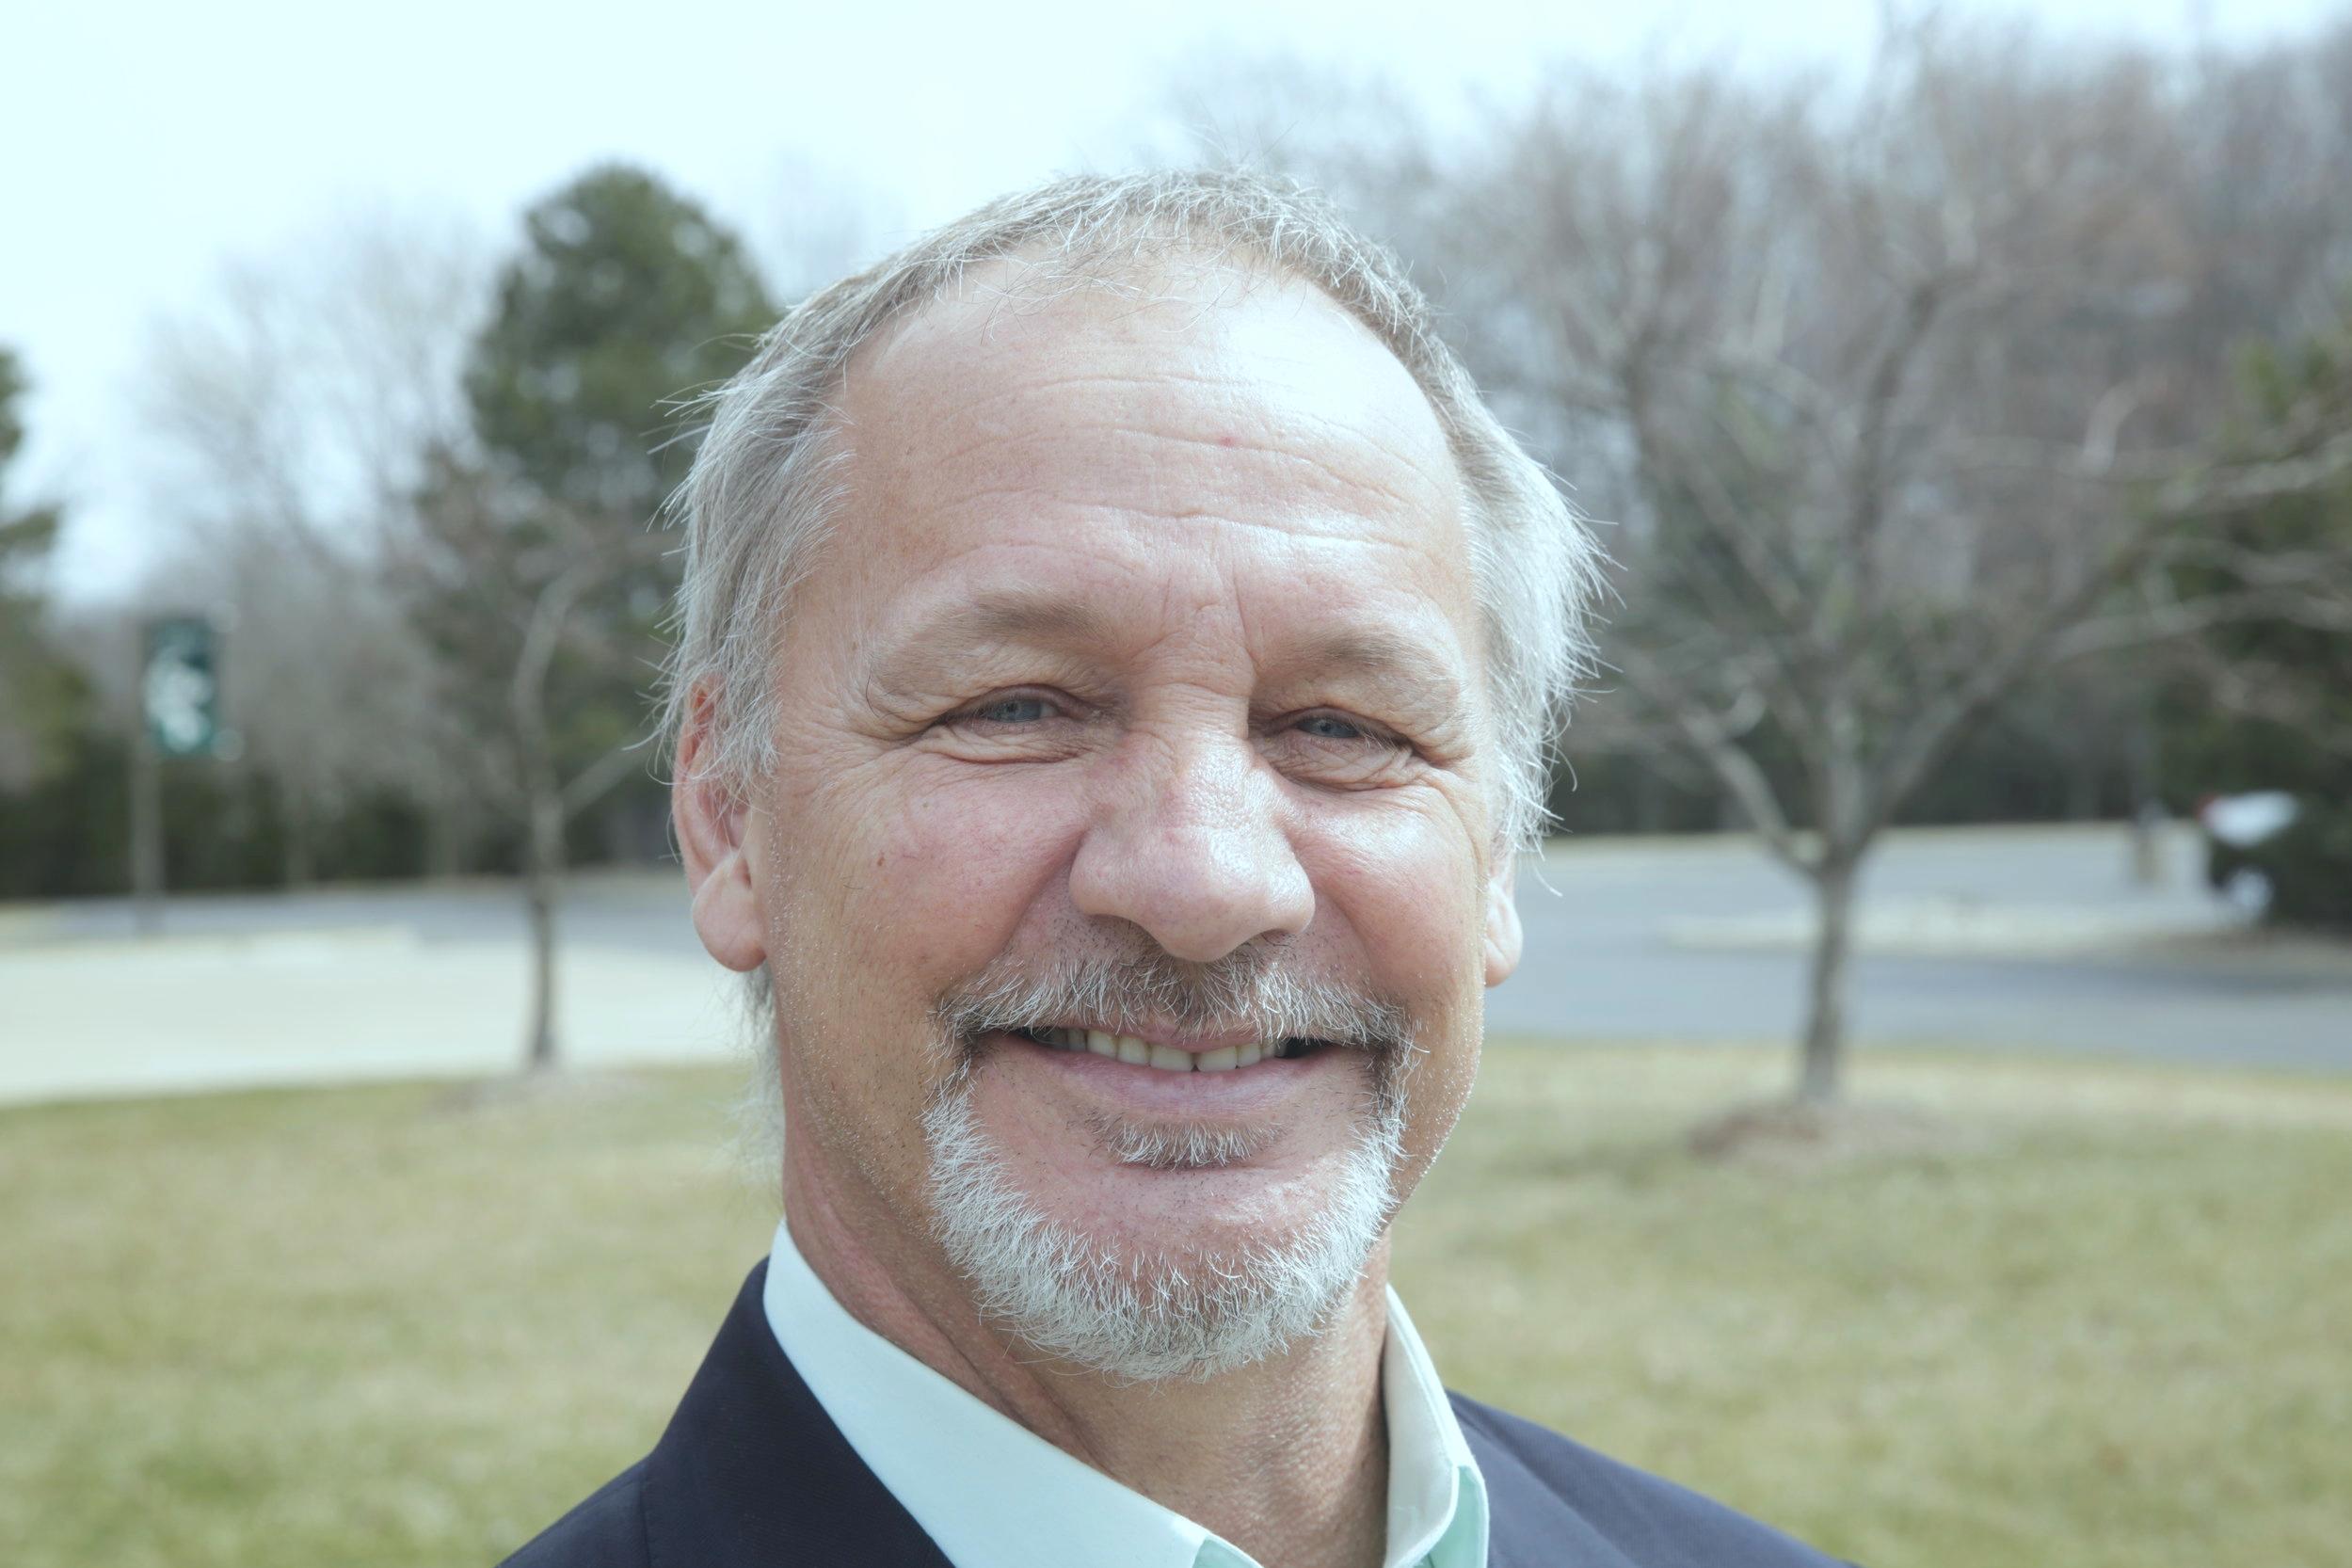 STEVE MALEK | PRESIDENT